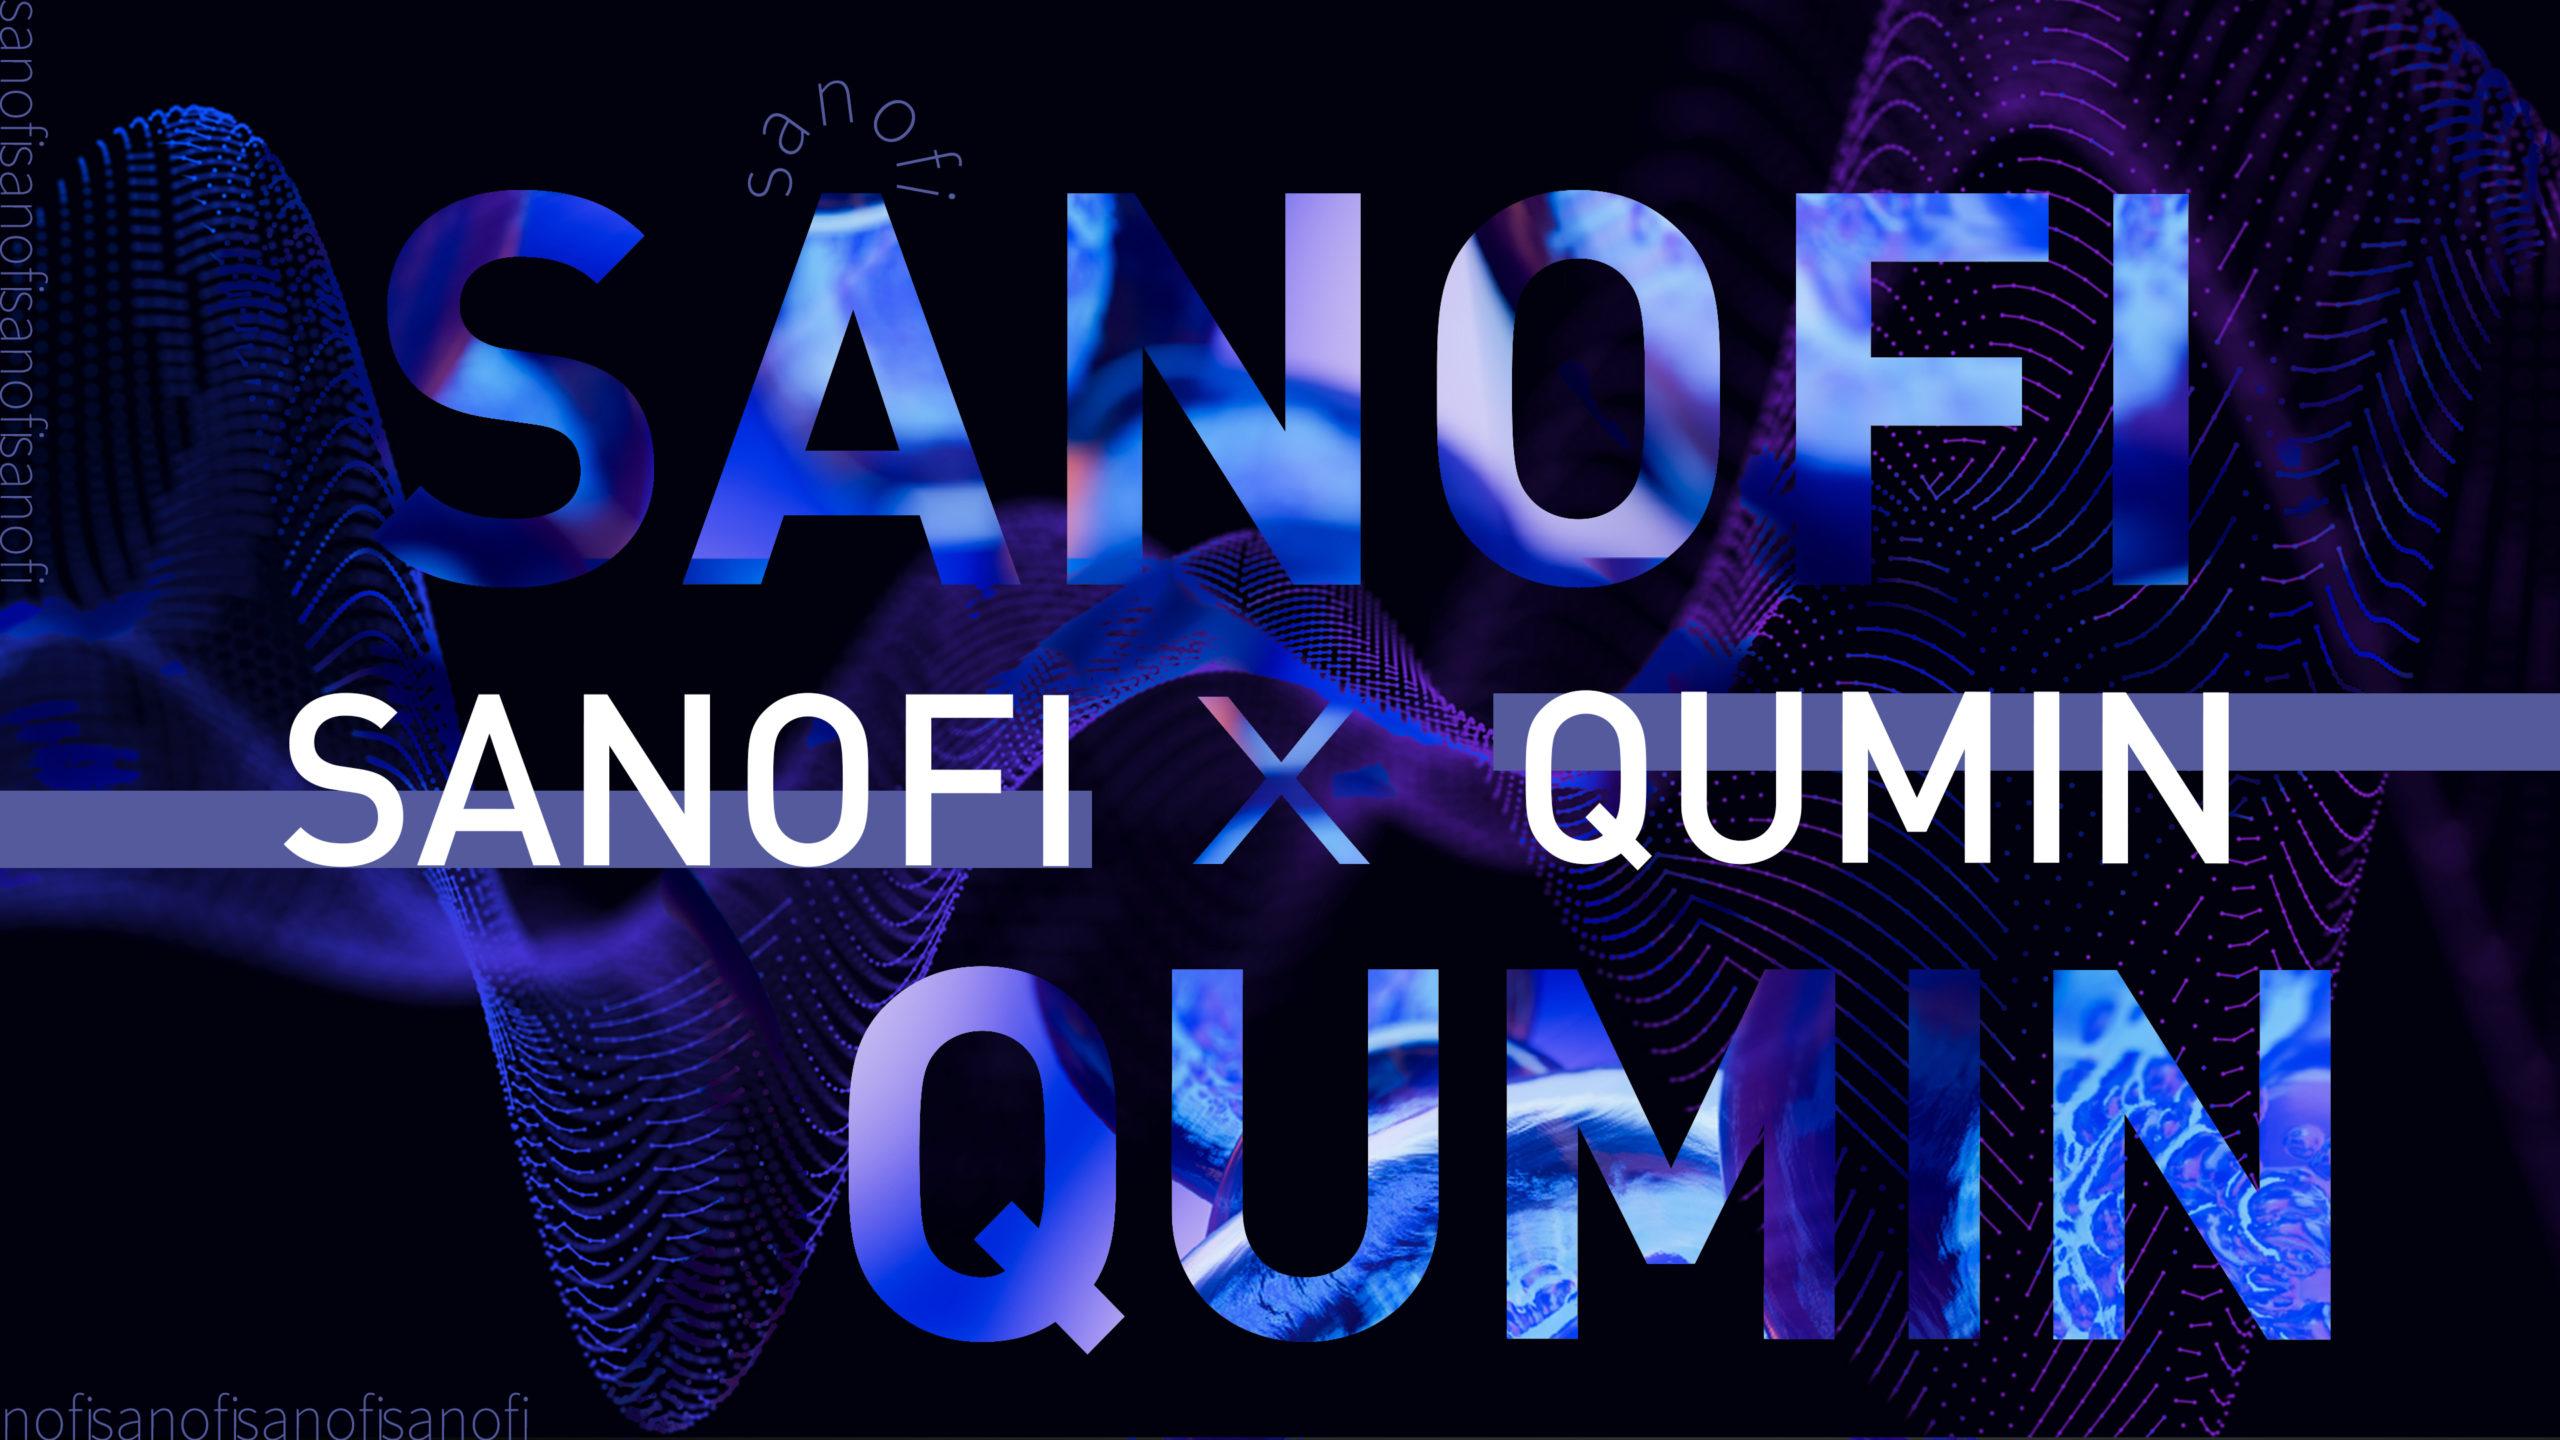 Sanofi x Qumin